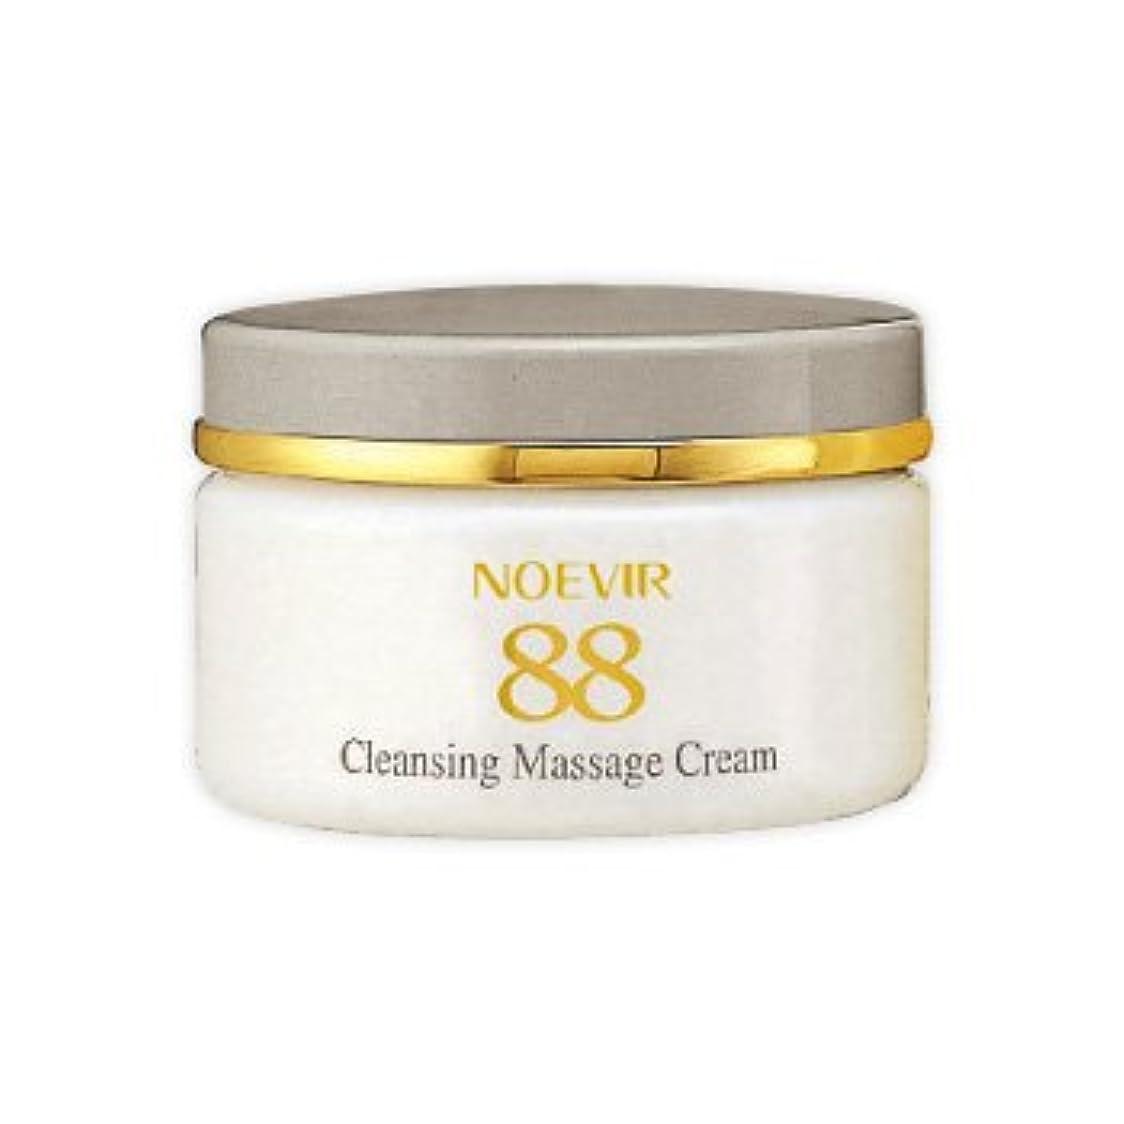 ポーズ冷蔵する共和国ノエビア ノエビア88 クレンジングマッサージクリーム(110g)